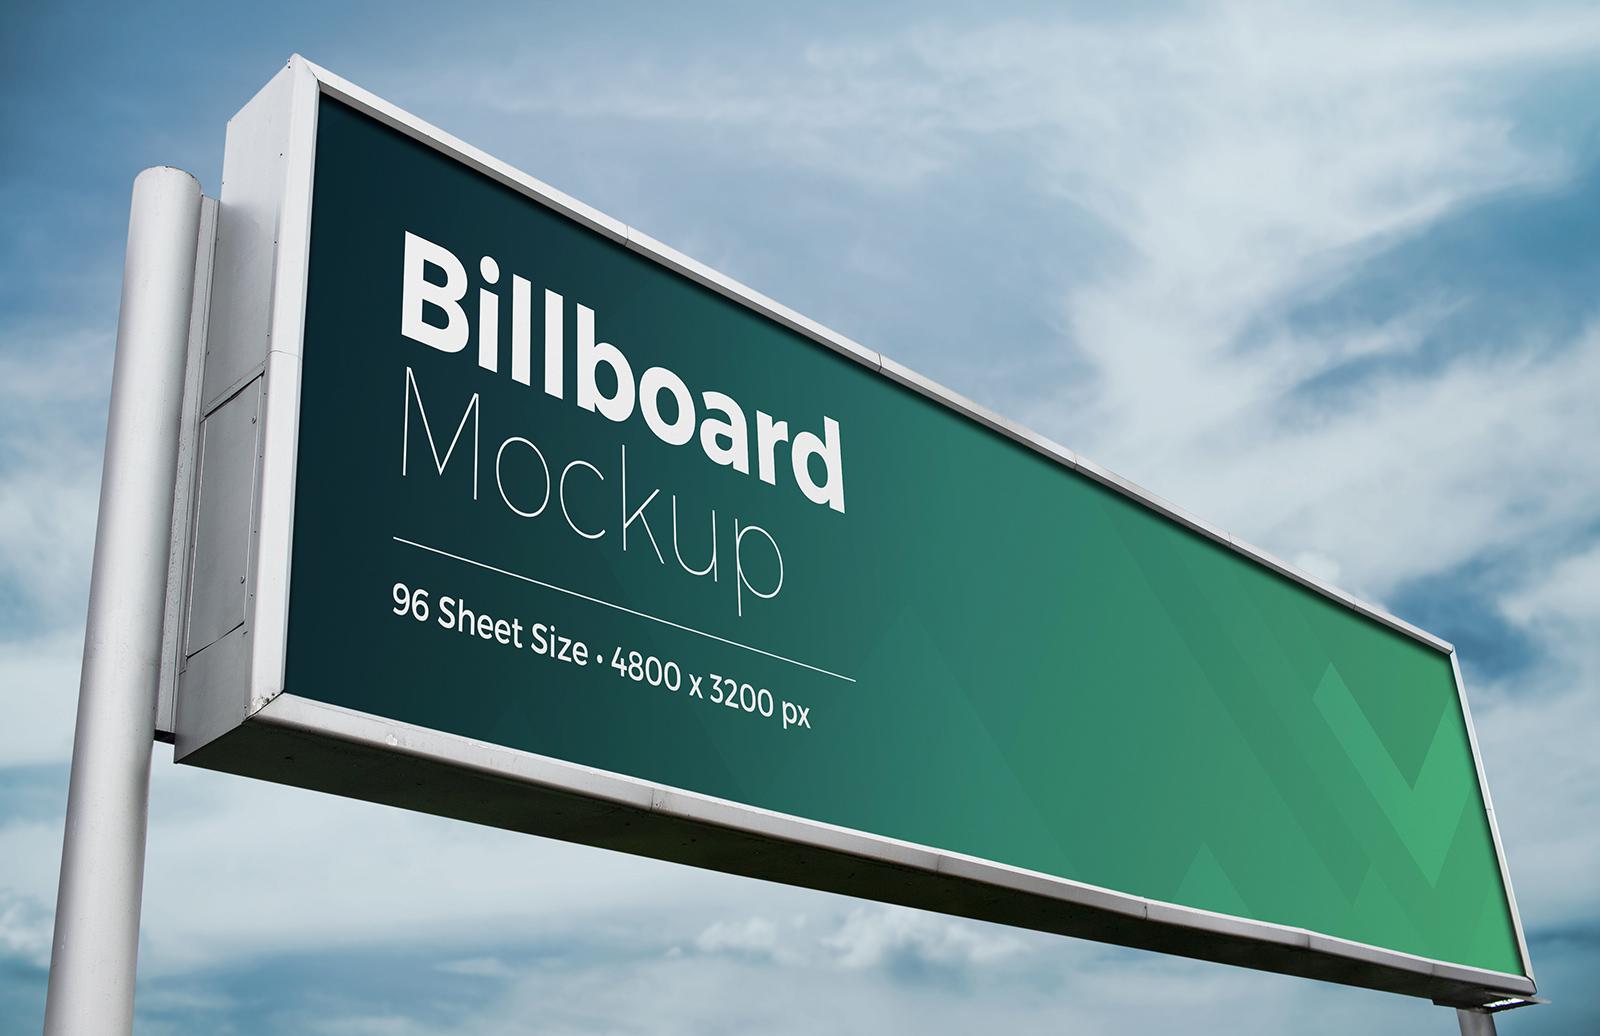 Billboard Mockup for Photoshop